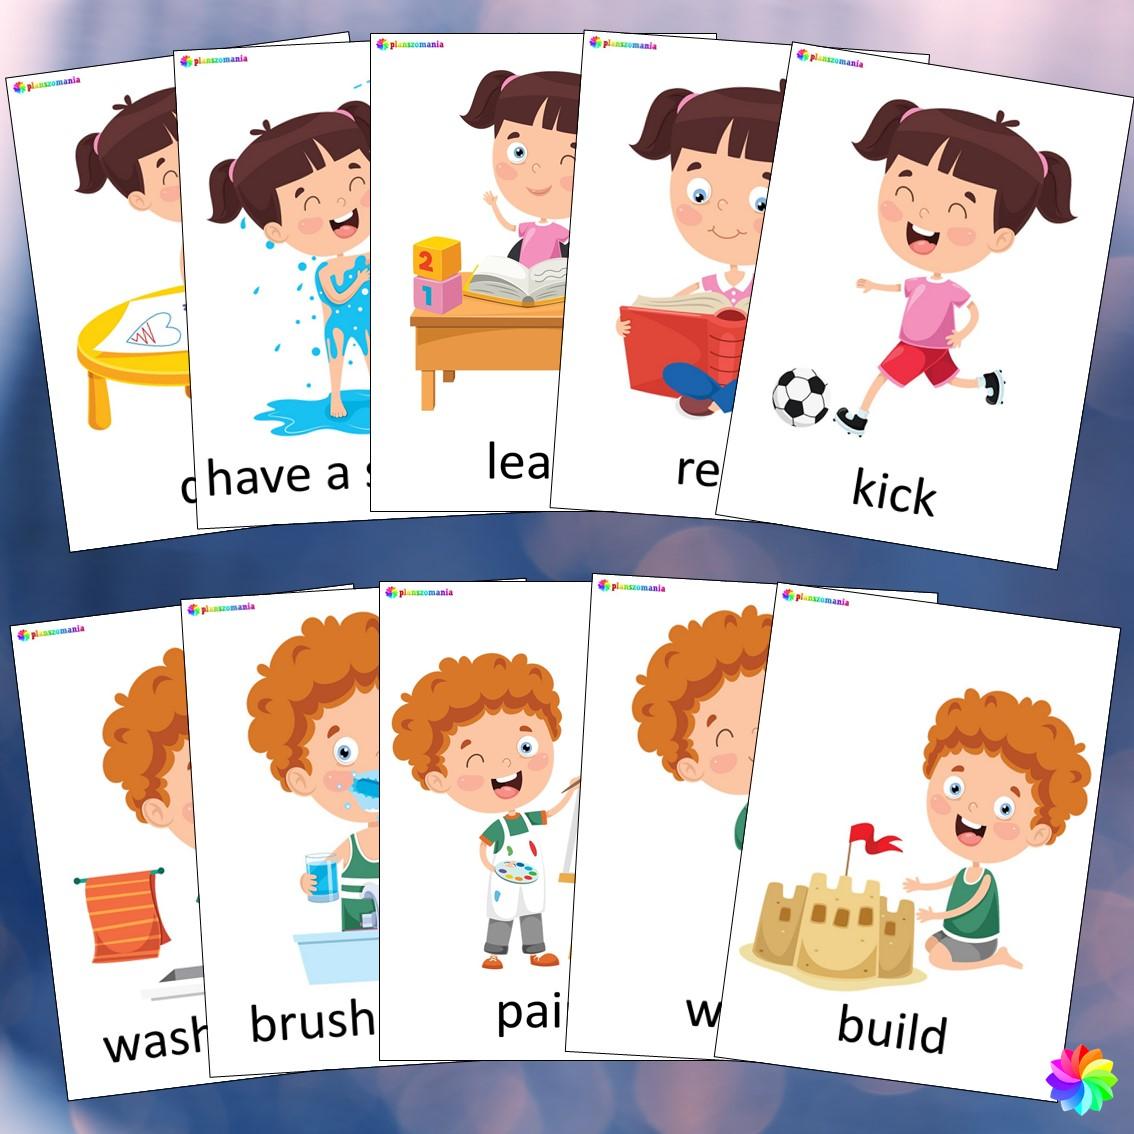 activities plansze ze słownictwem język angielski z języka angielskiego english flashcards kids pdf do druku